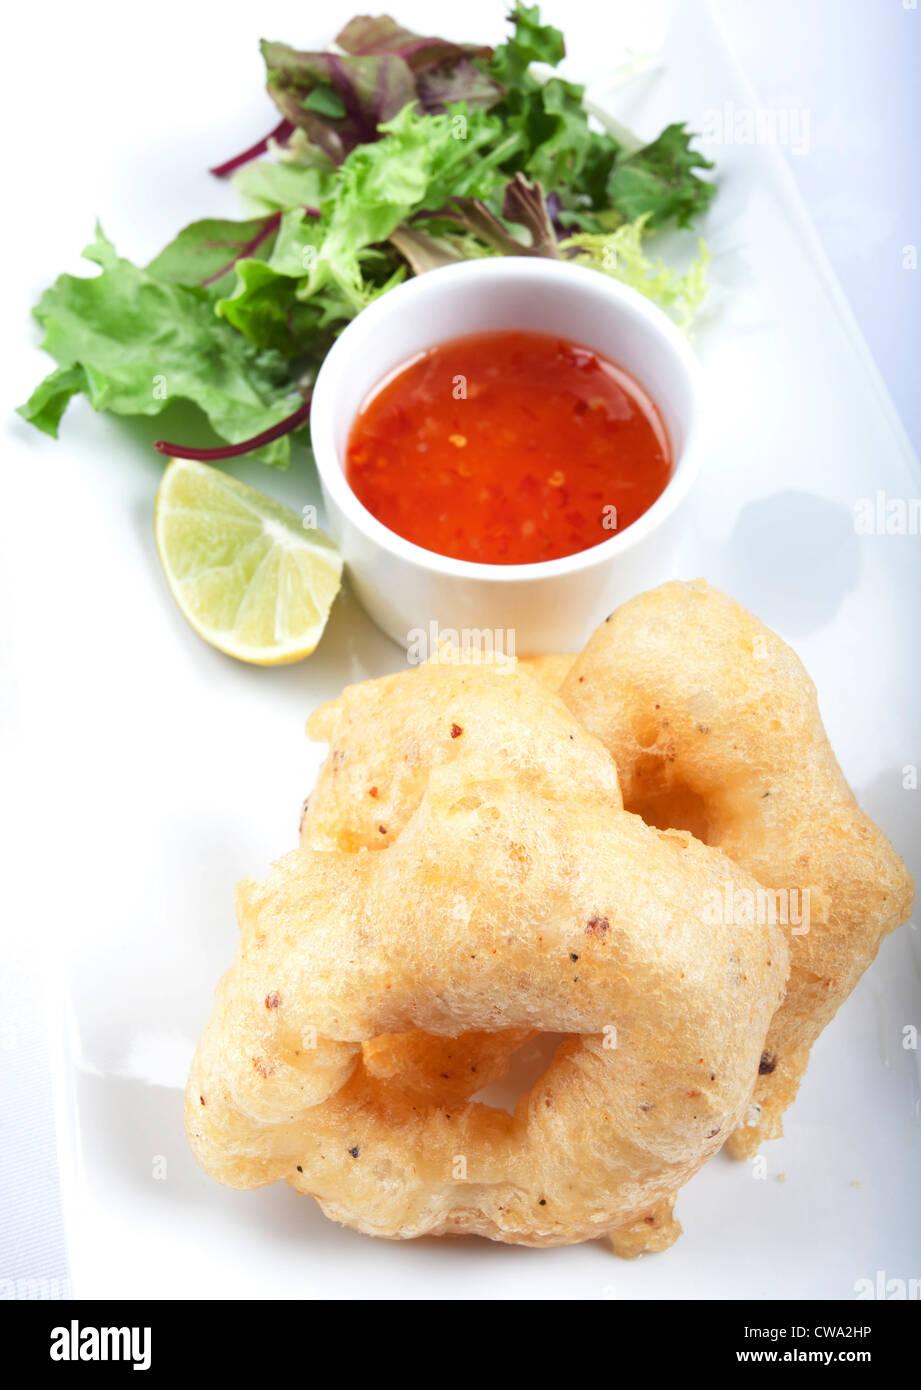 Fried Calamari With Dipping Sauce And Salad Stock Photo